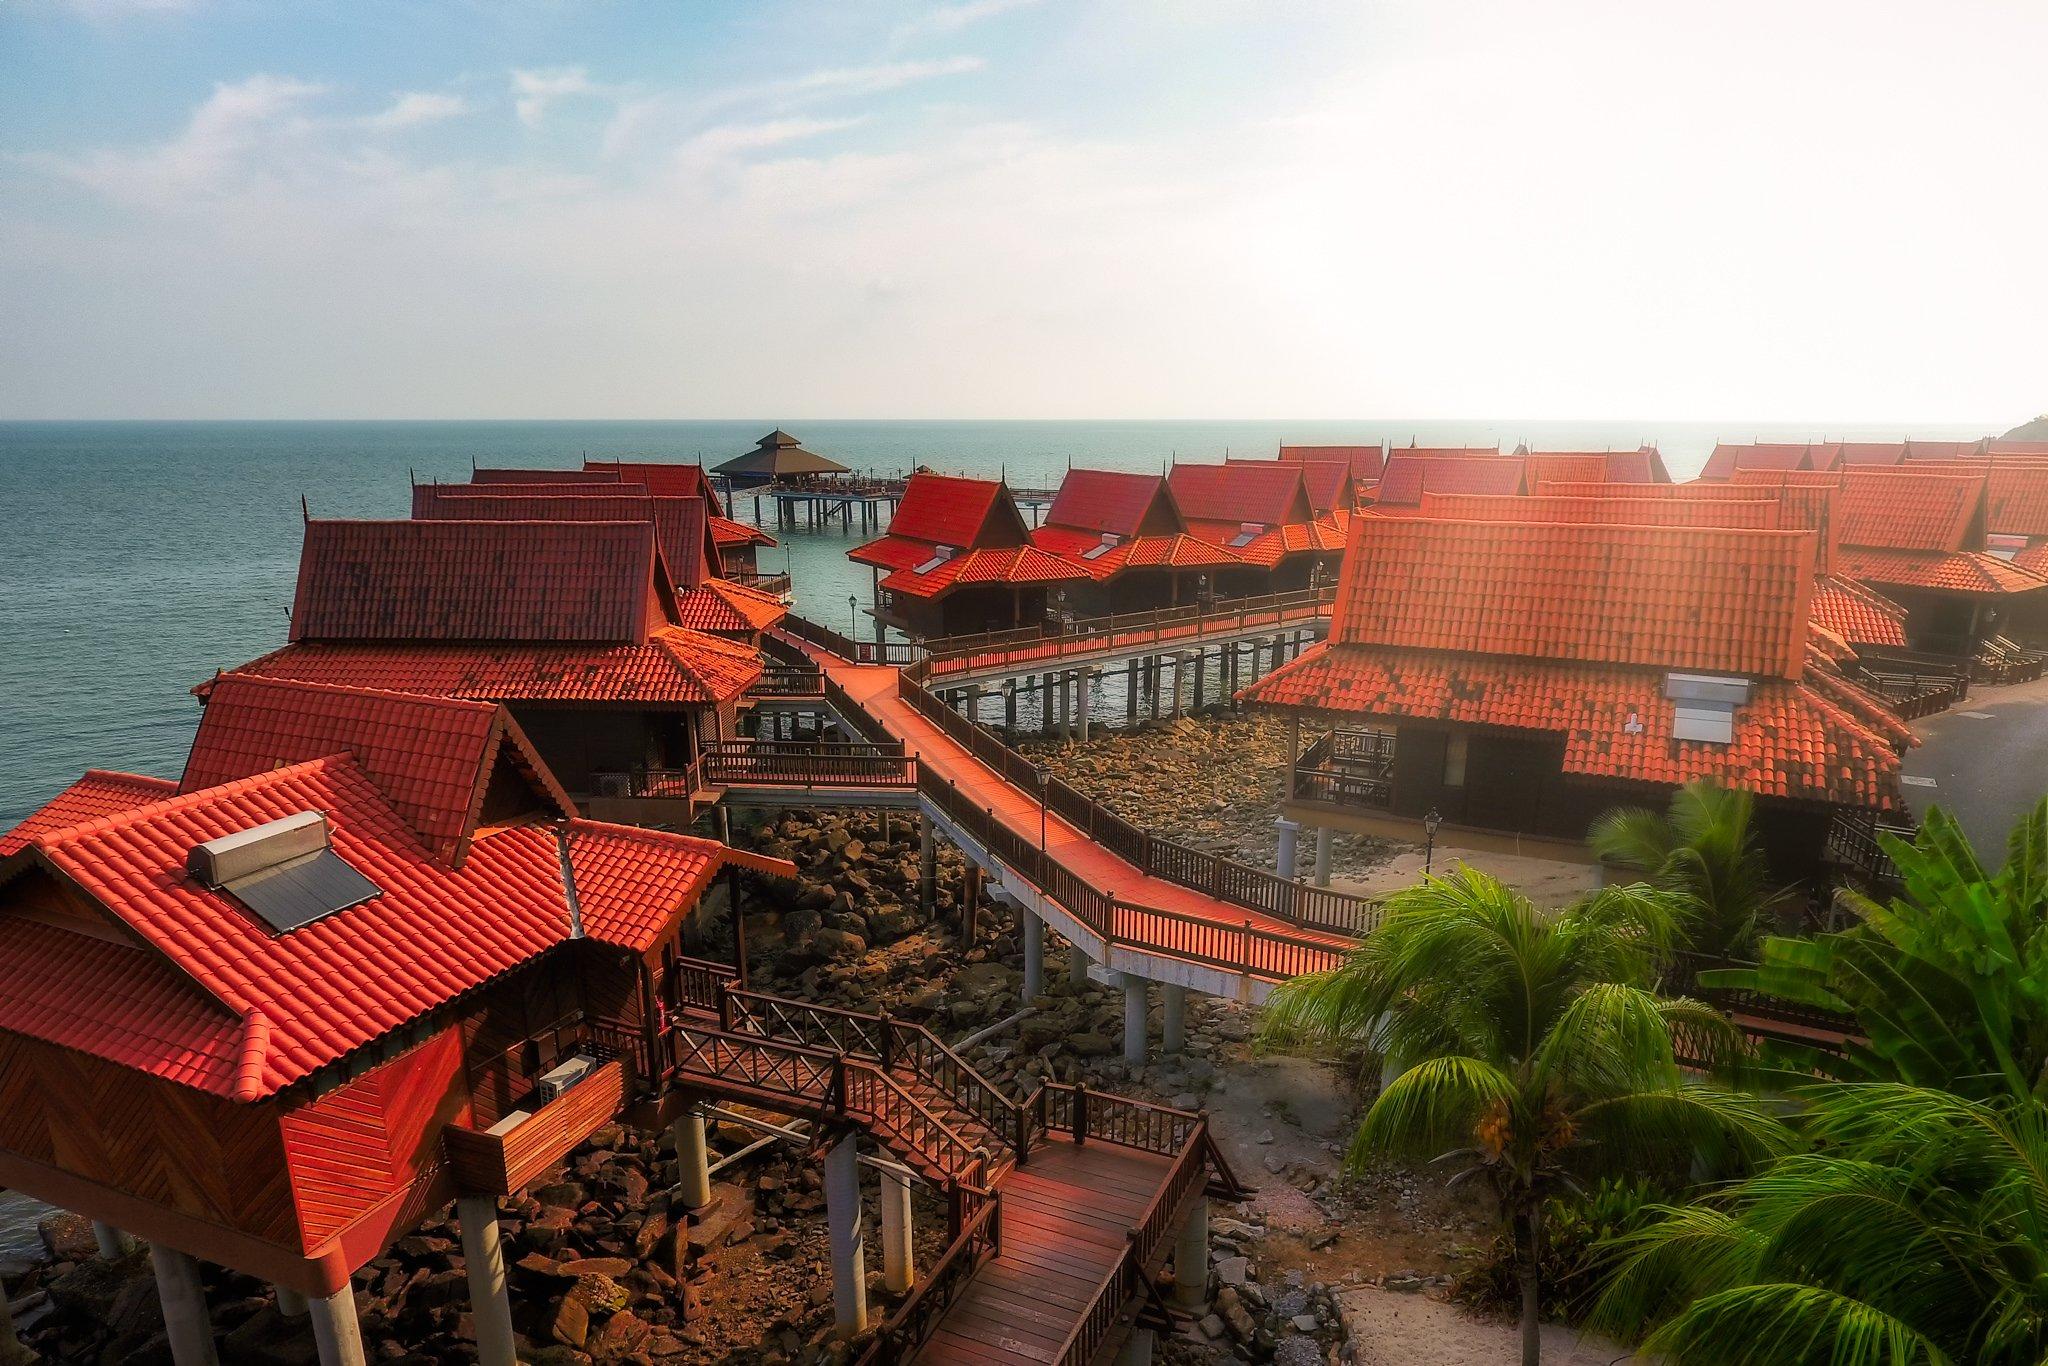 Langkawi Berjaya Chalet uitzicht vanuit de lucht, Maleisië.